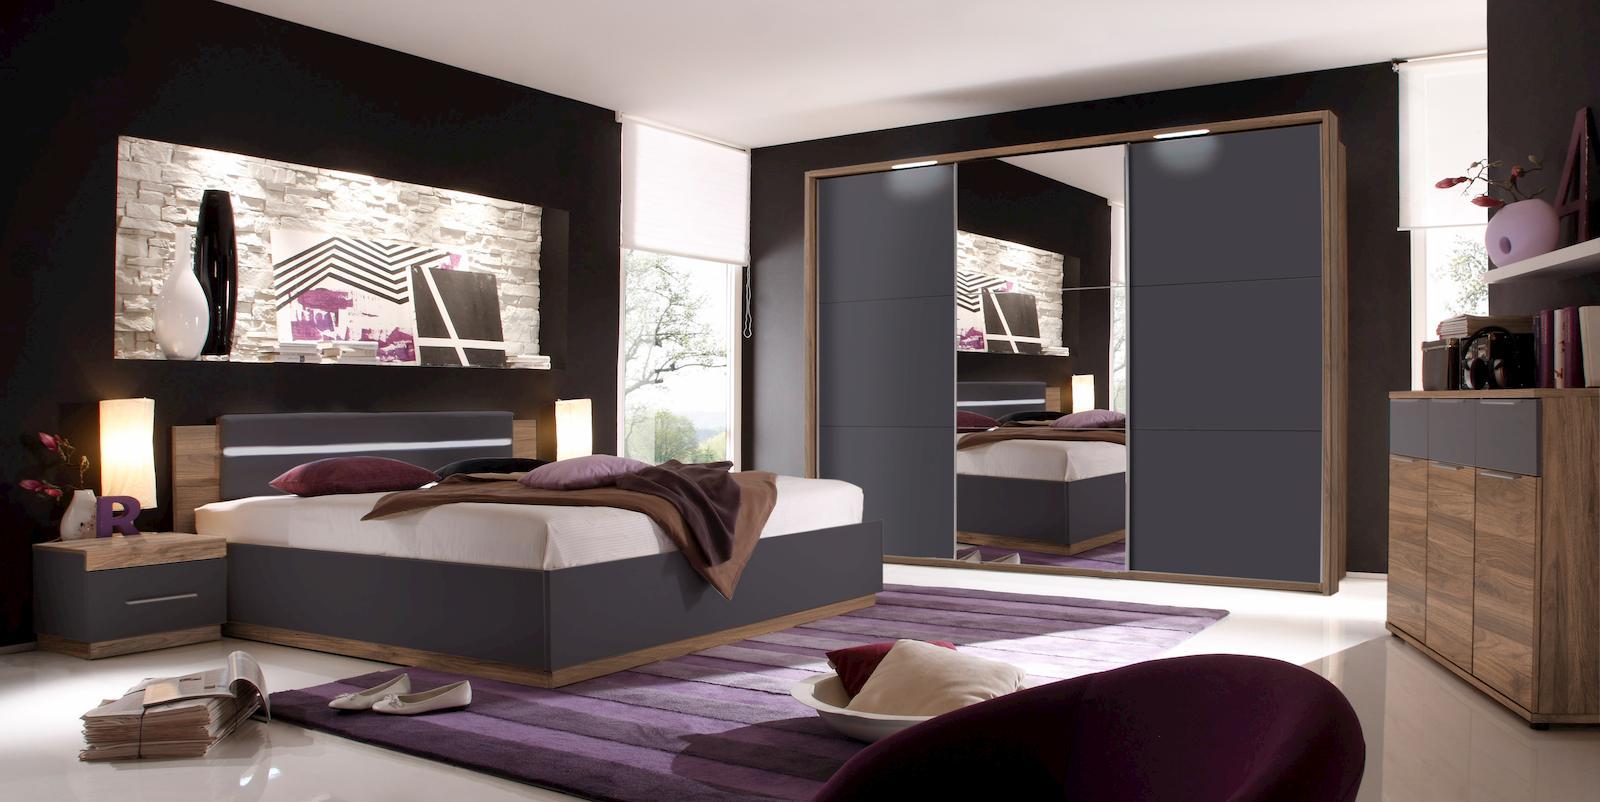 Dandy Schlafzimmer Set Komplettset Set Nussbaum/Schwarz Schlafen ...